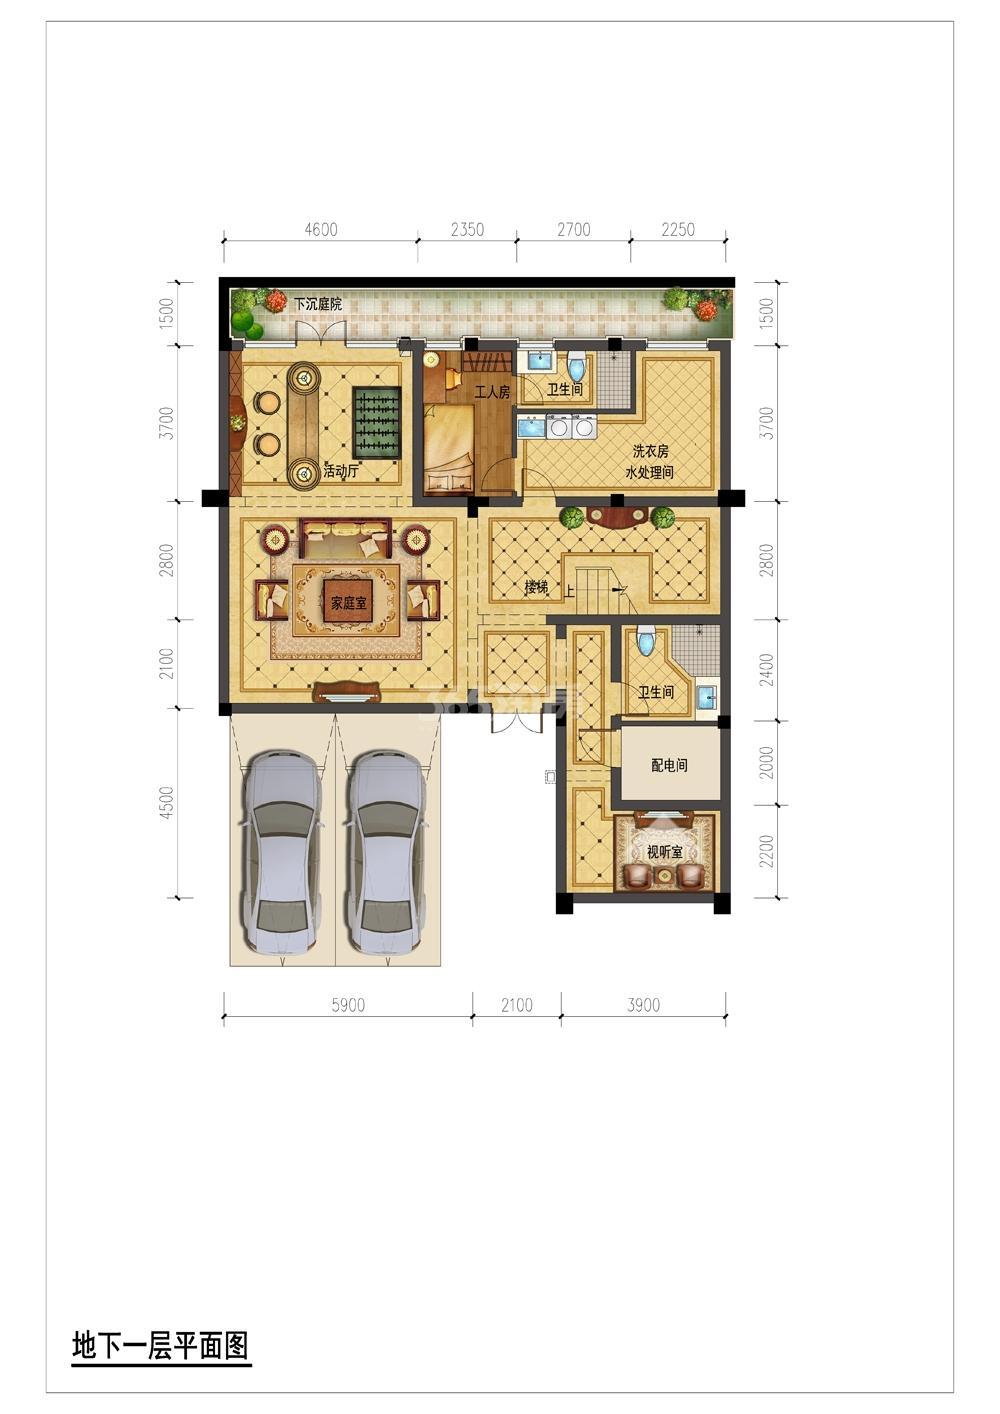 翡翠城月光院子23号楼250S地下一层平面图